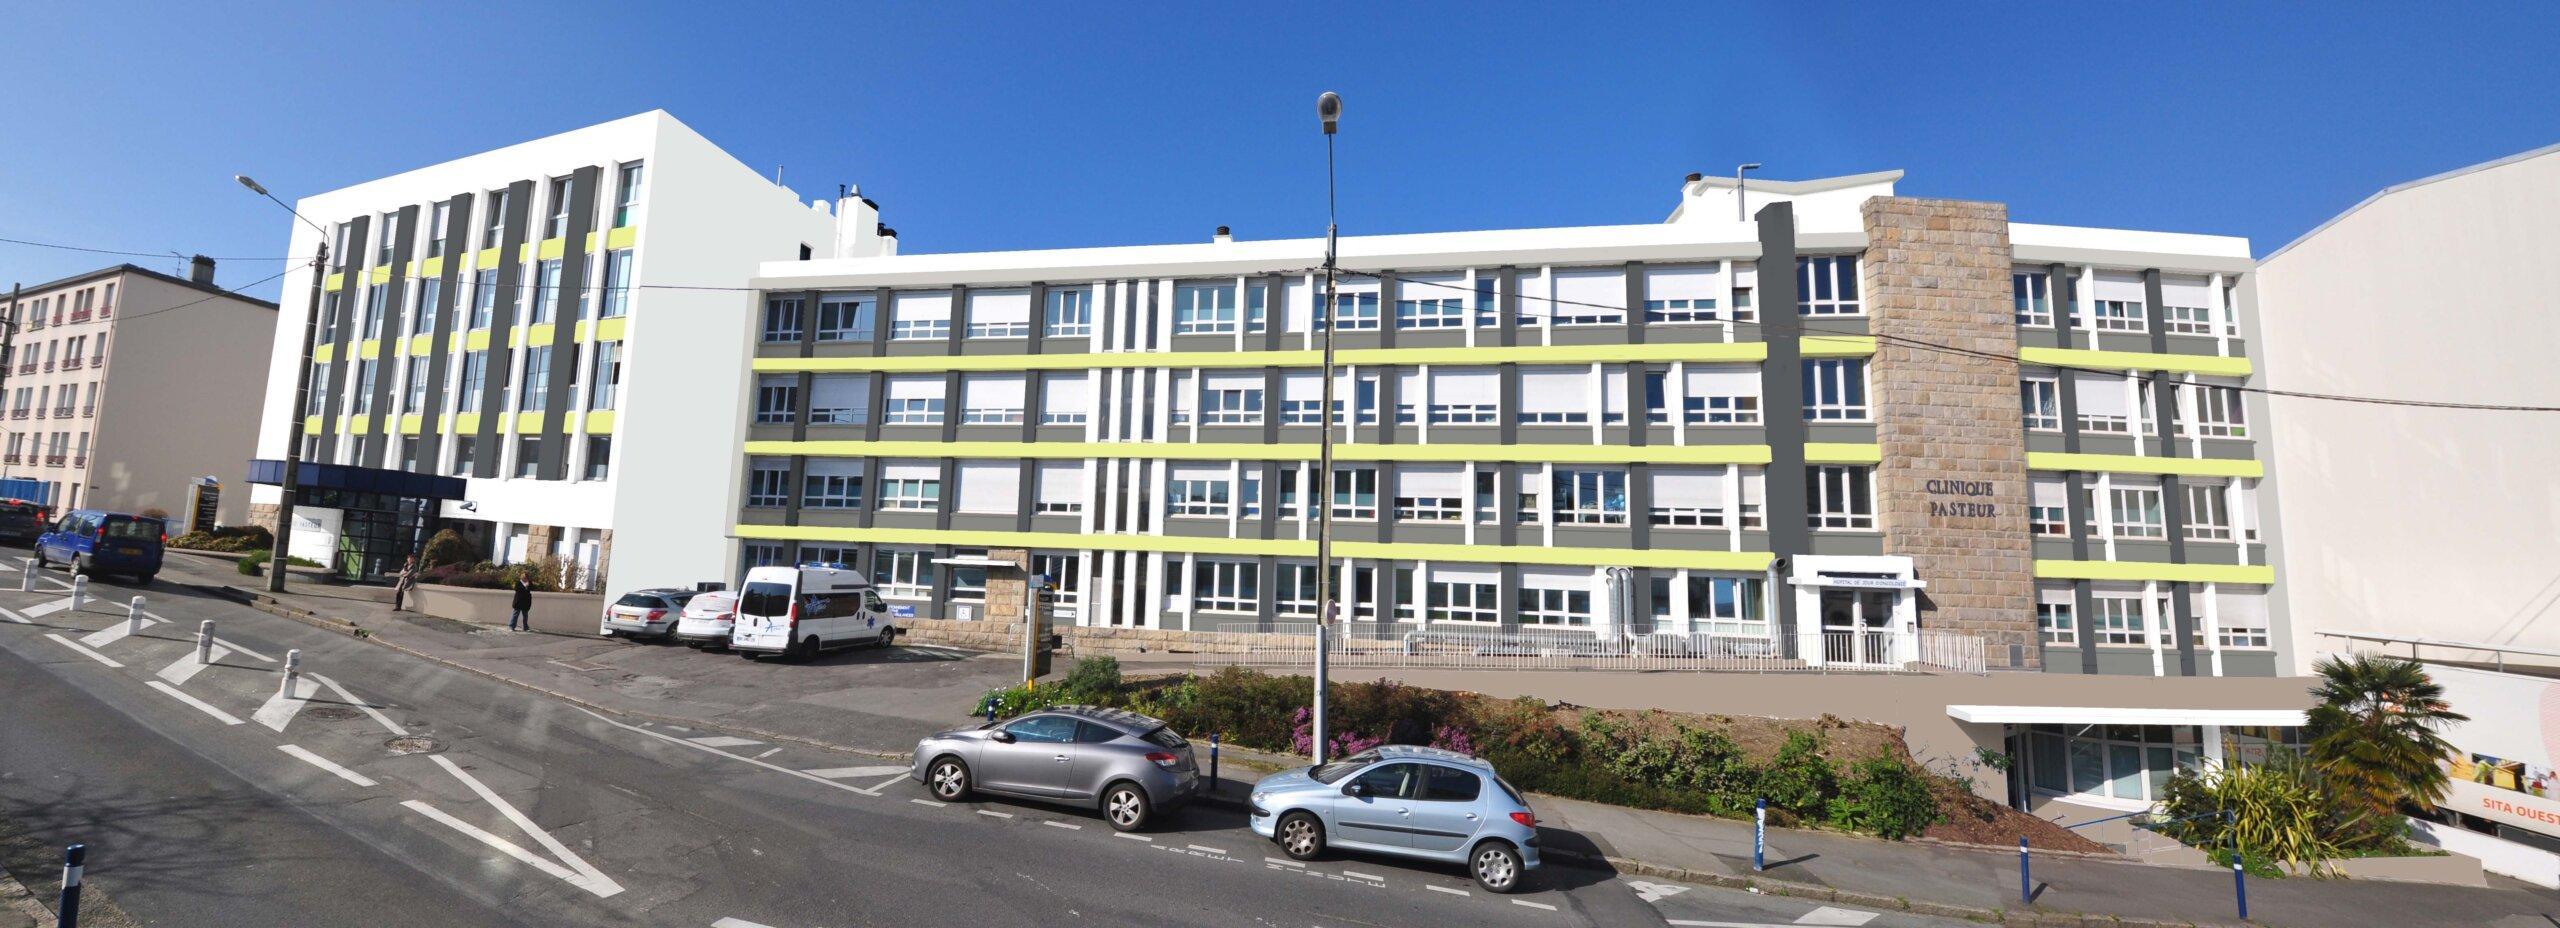 Clinique Pasteur-lanroze Brest